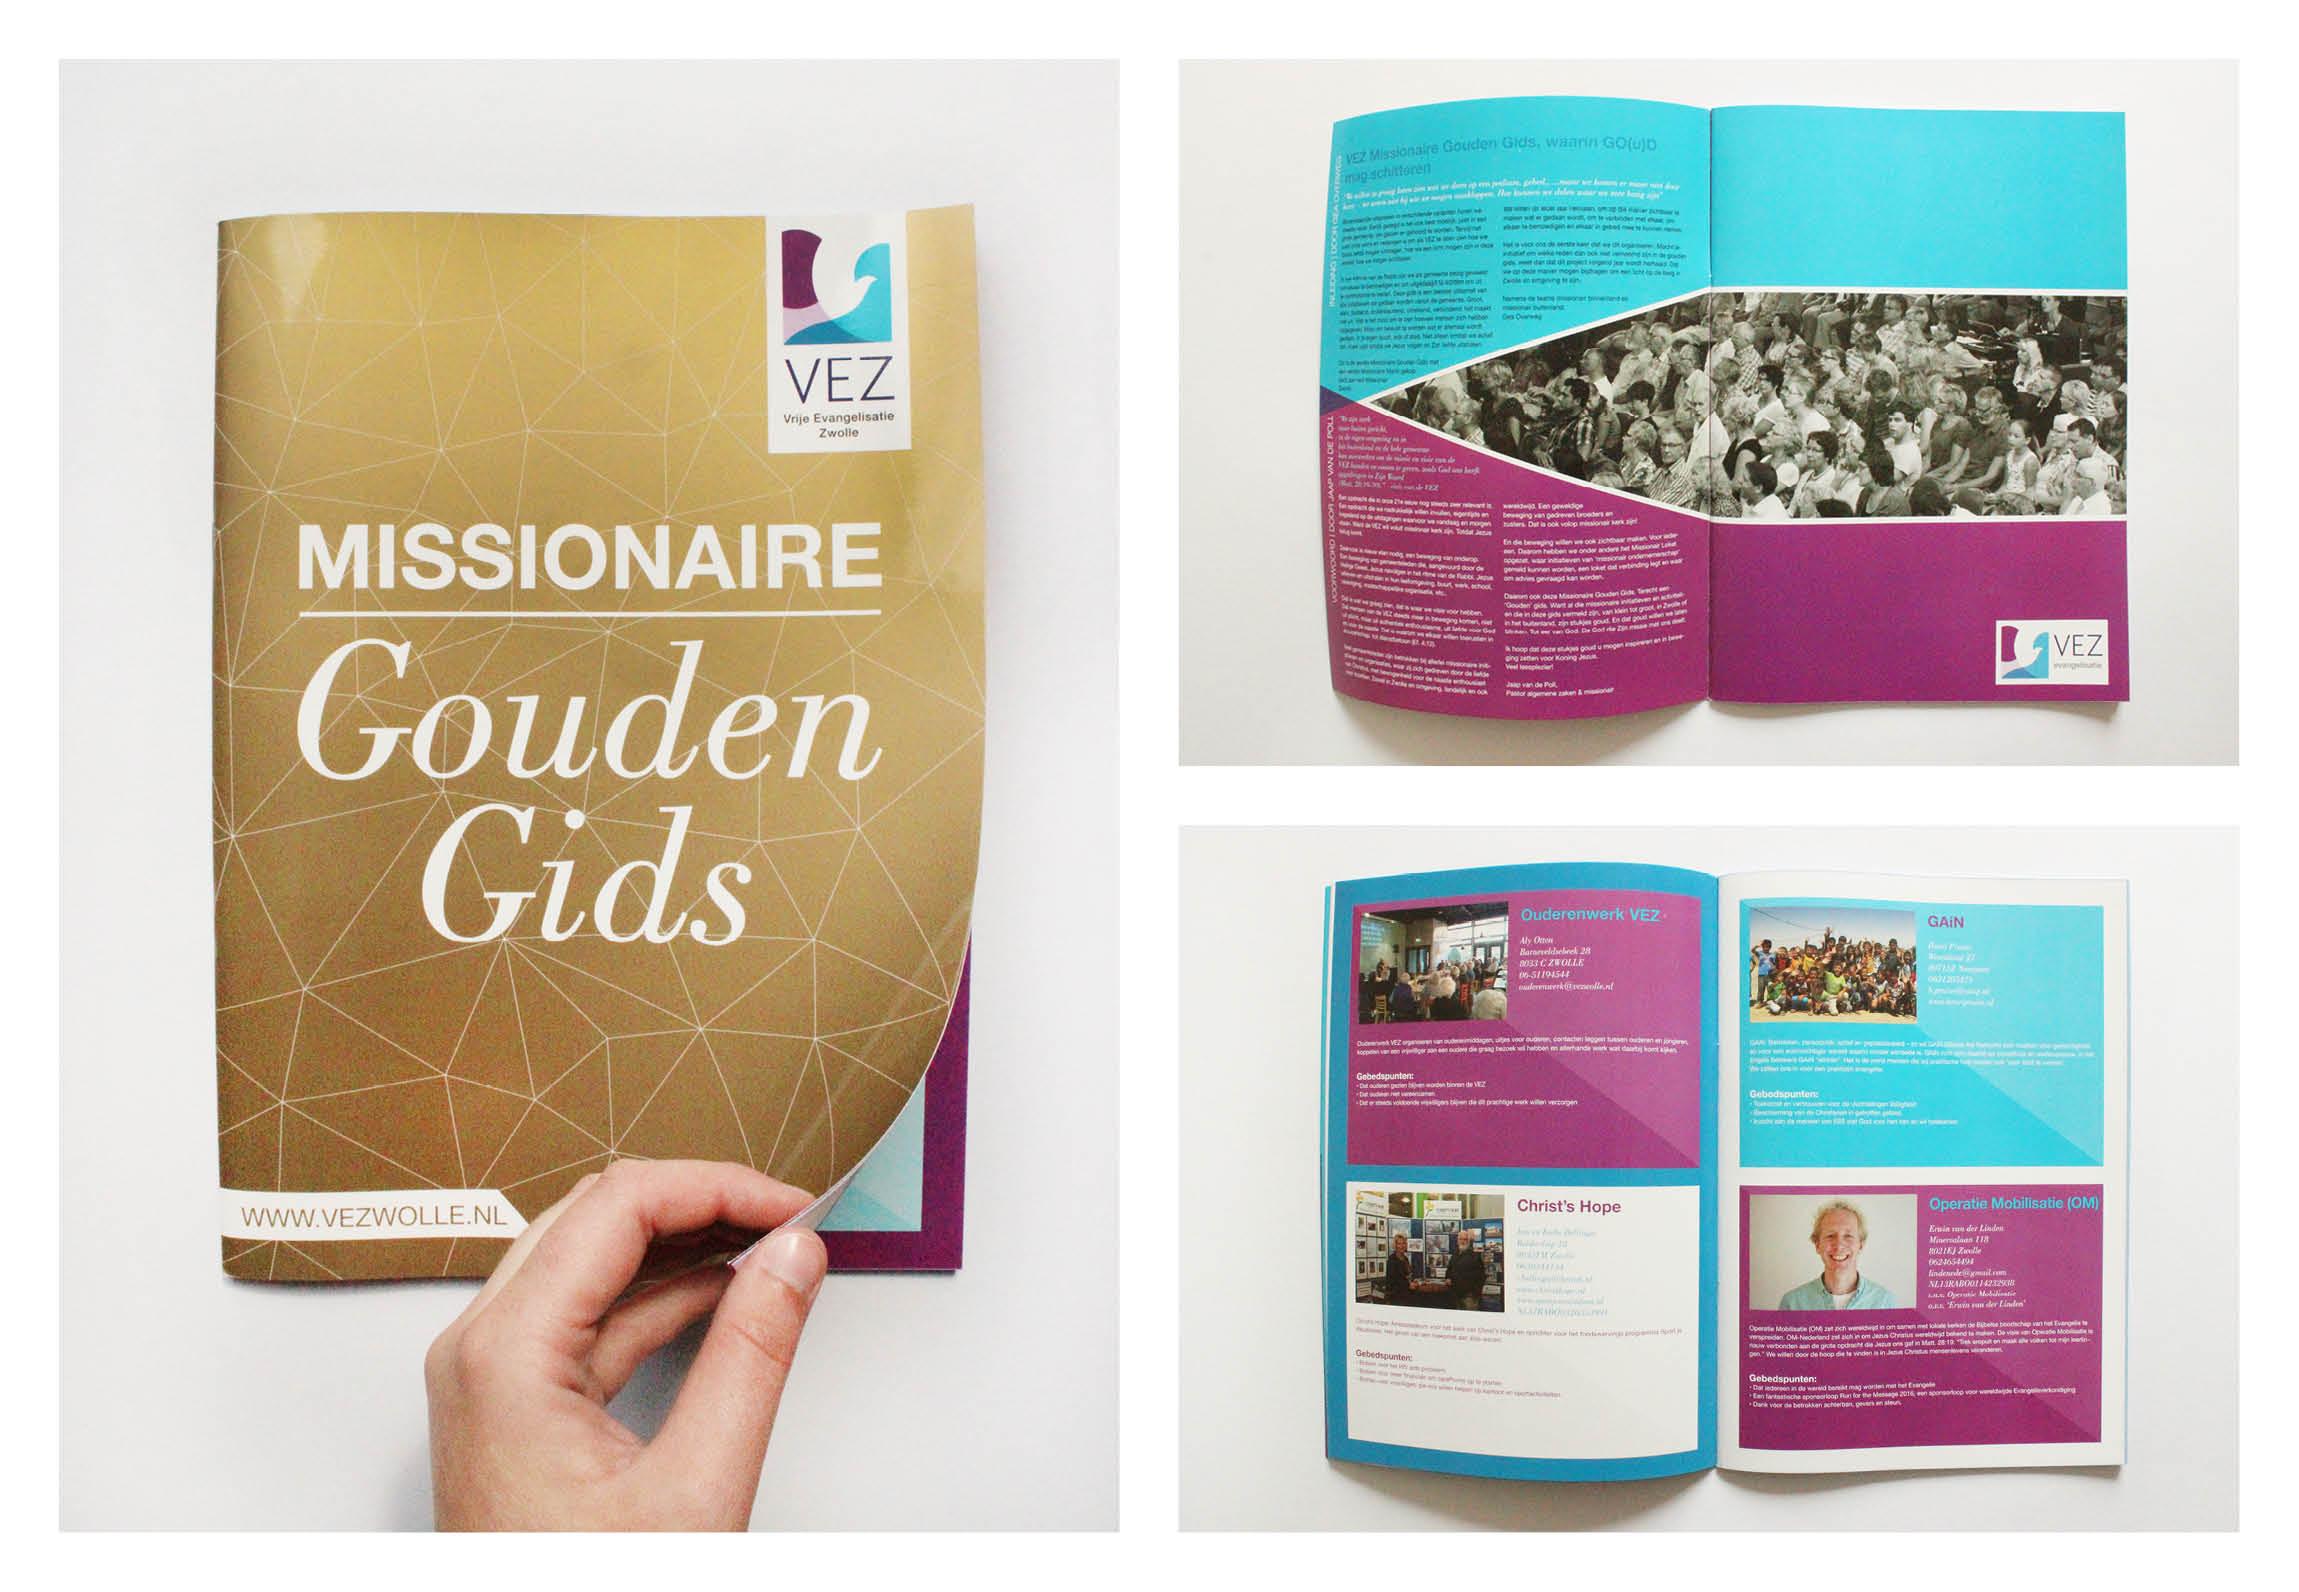 VEZ - Missionaire Gouden Gids